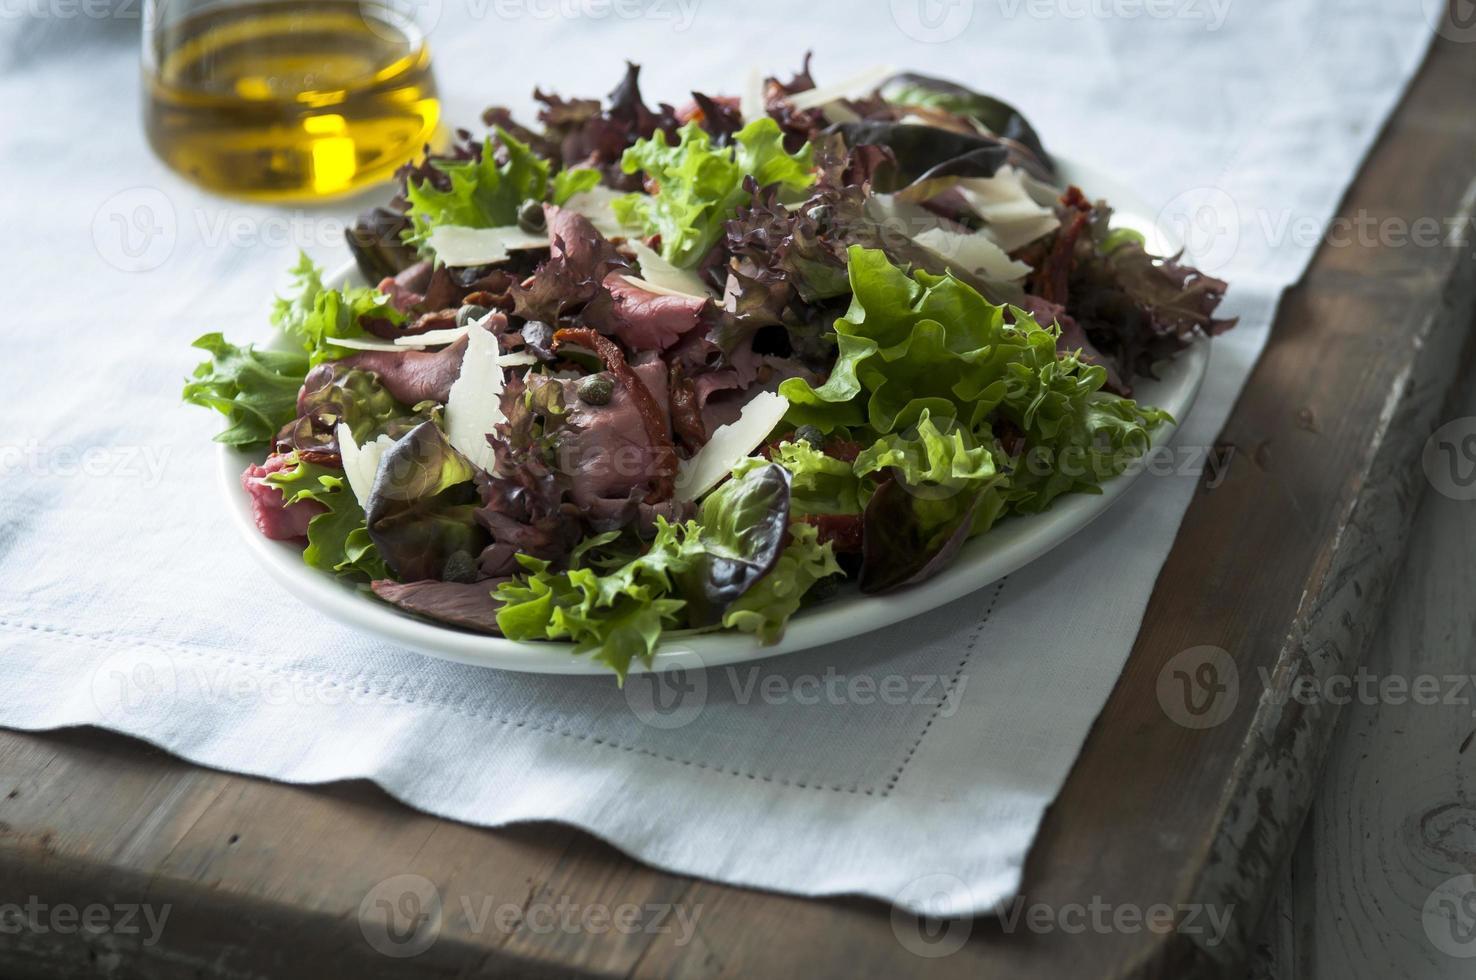 salade de boeuf et de feuilles mélangées photo